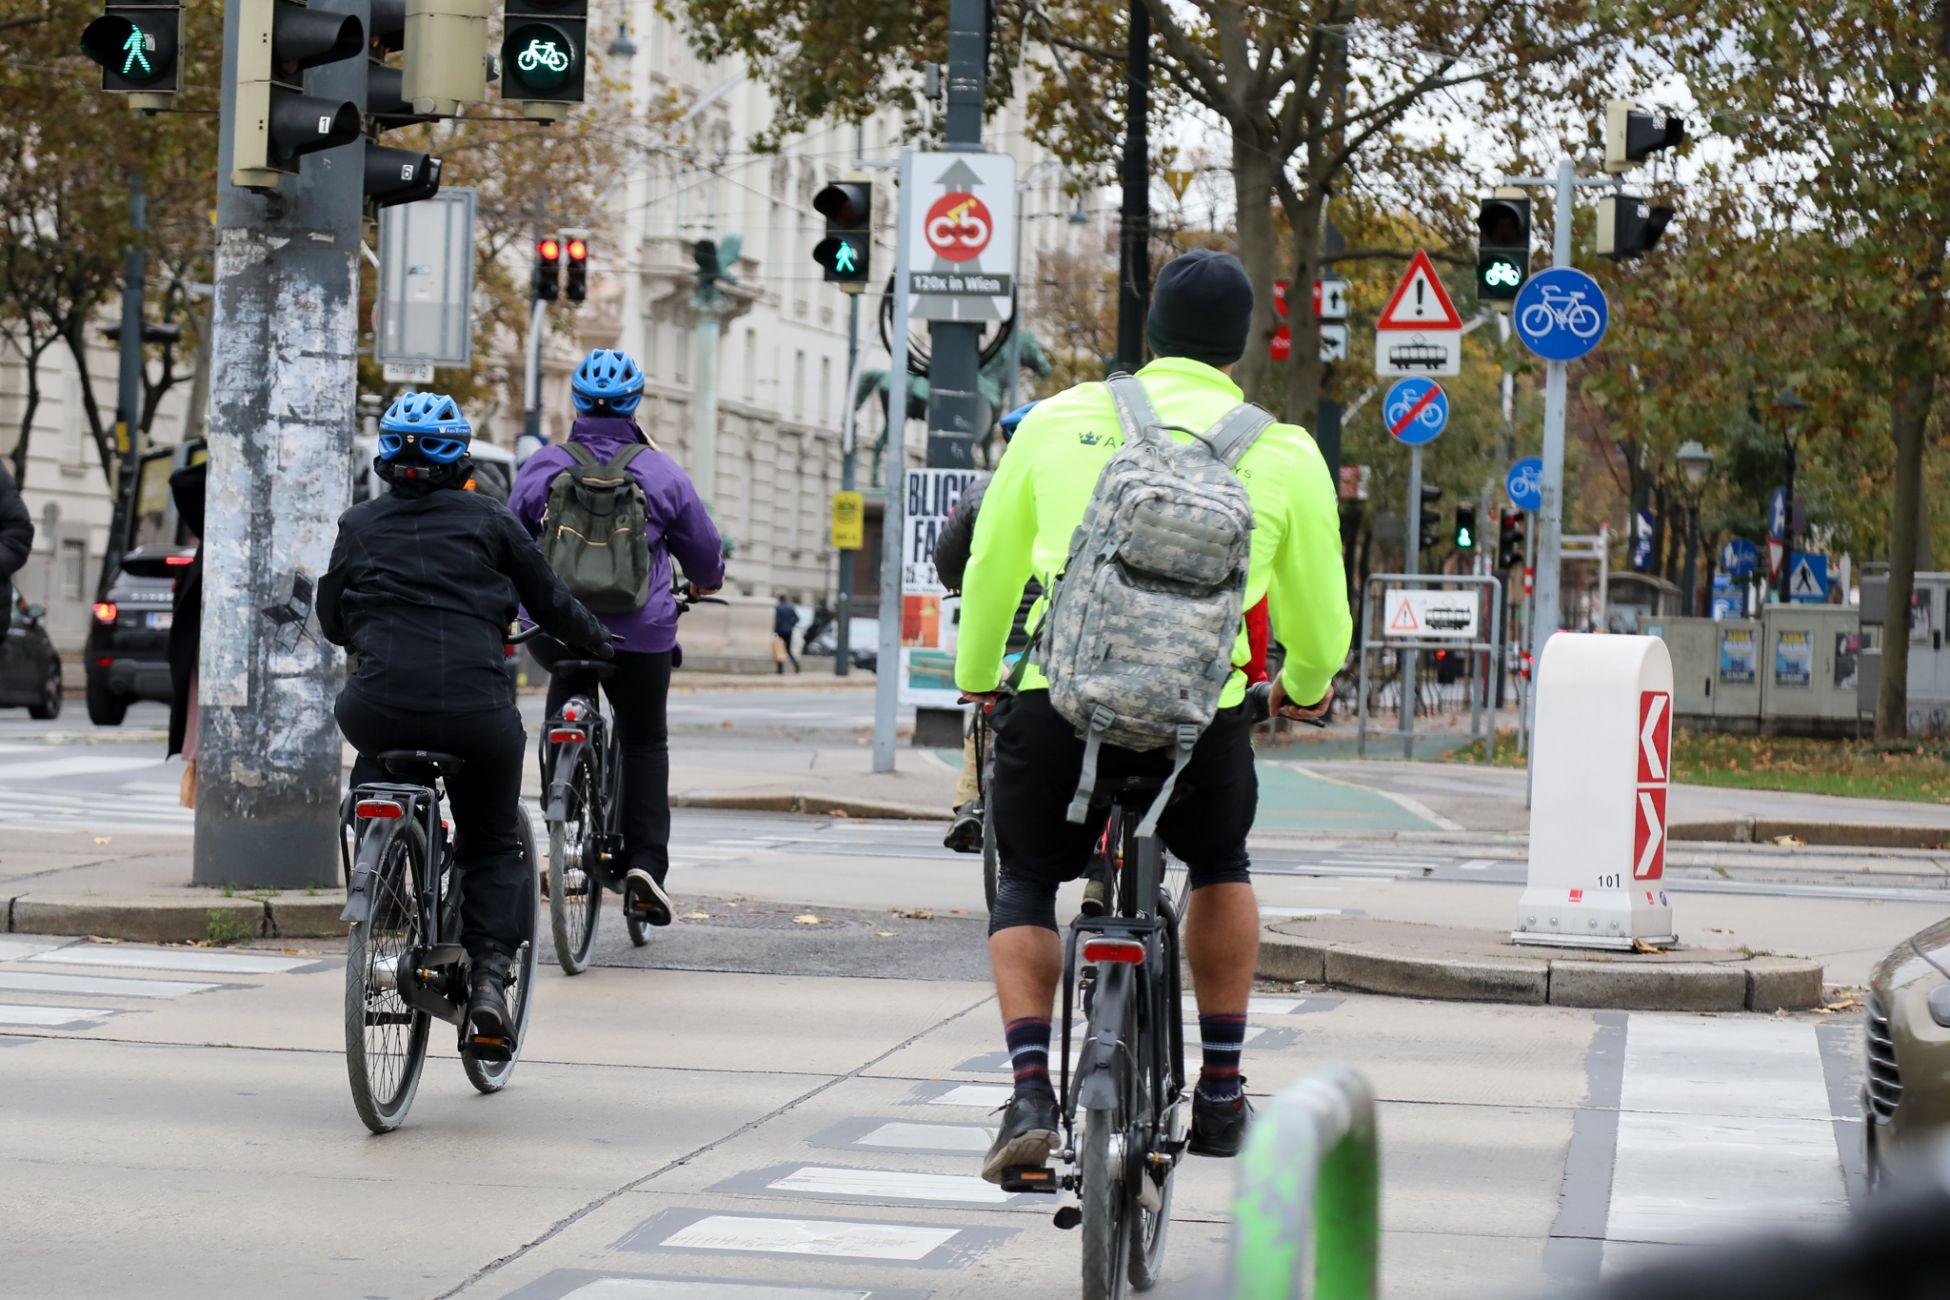 Fahrradfahrer an der Kreuzung bei der Urania.